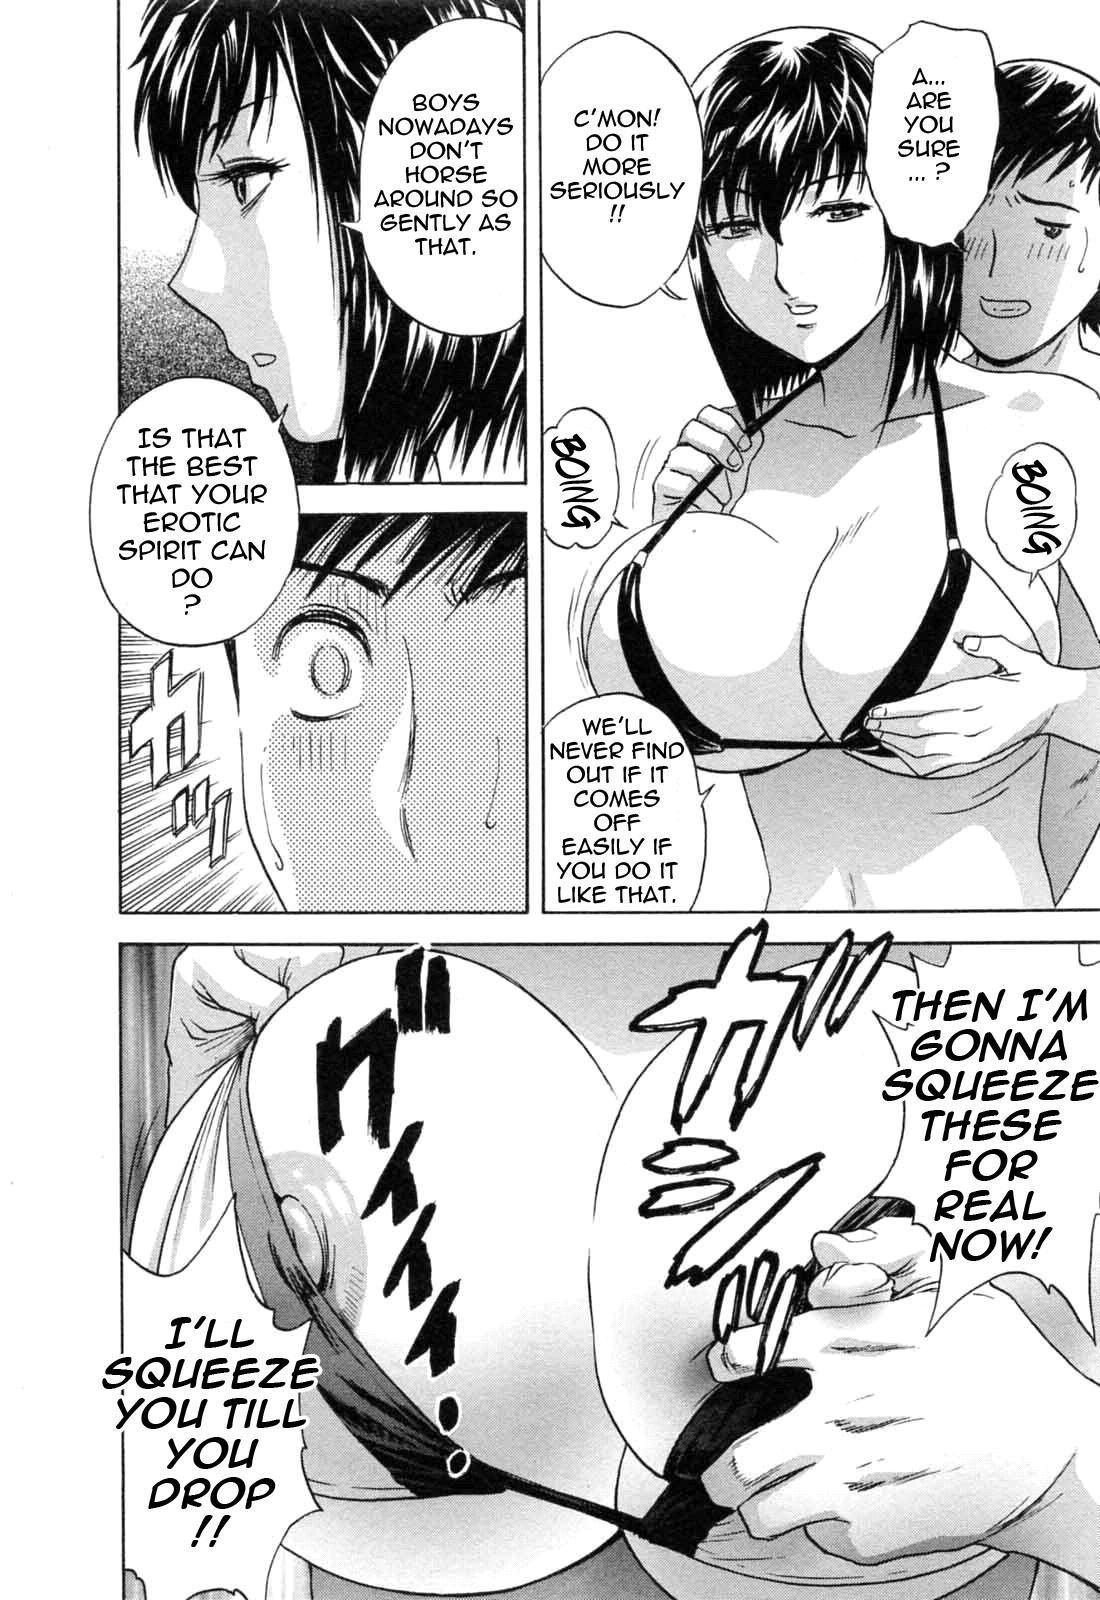 [Hidemaru] Mo-Retsu! Boin Sensei (Boing Boing Teacher) Vol.5 [English] [4dawgz] [Tadanohito] 125